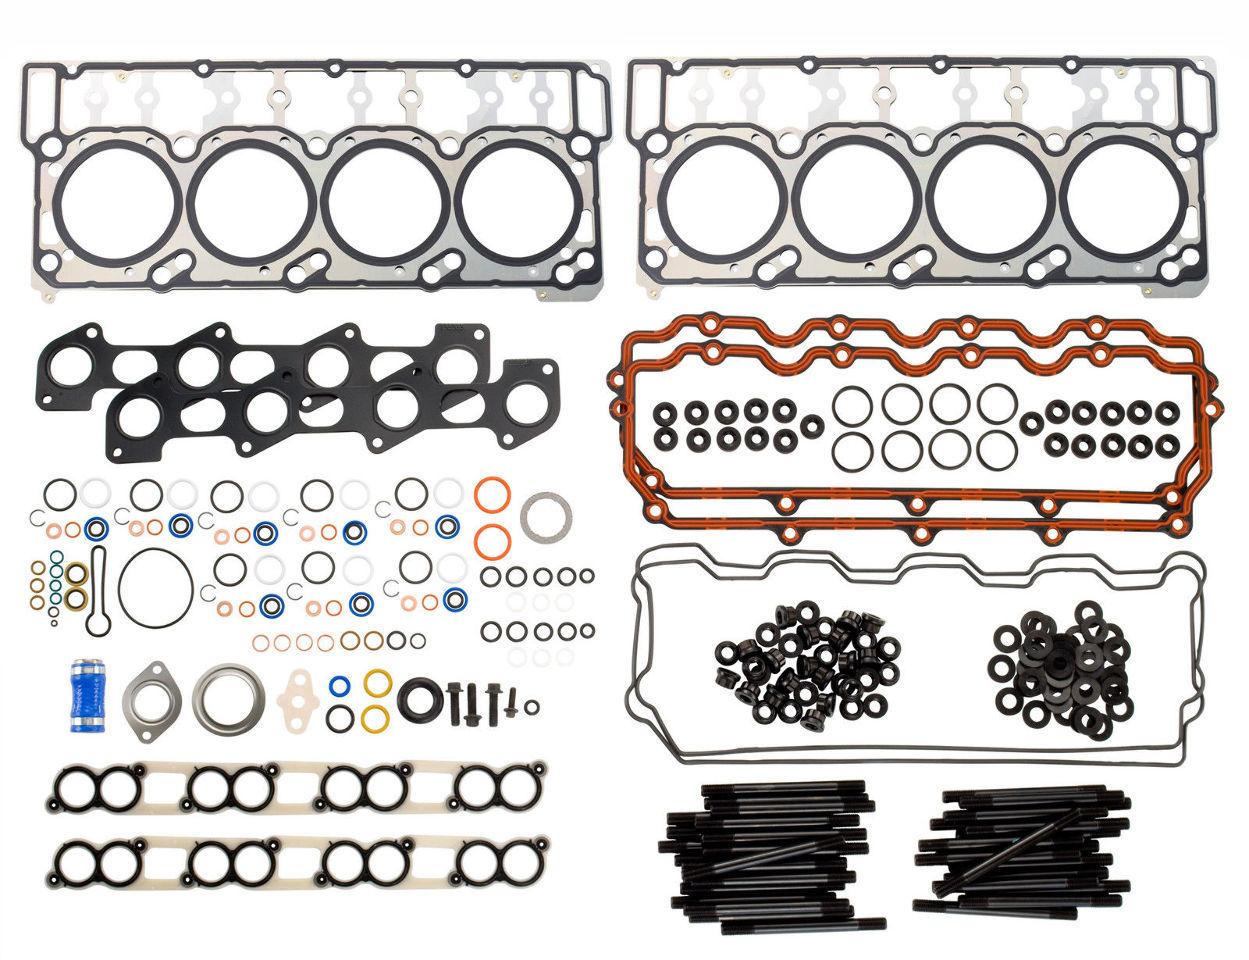 2003-2006 6.0L Ford Power Stroke | Head Gasket Kit | Alliant Power # AP0043